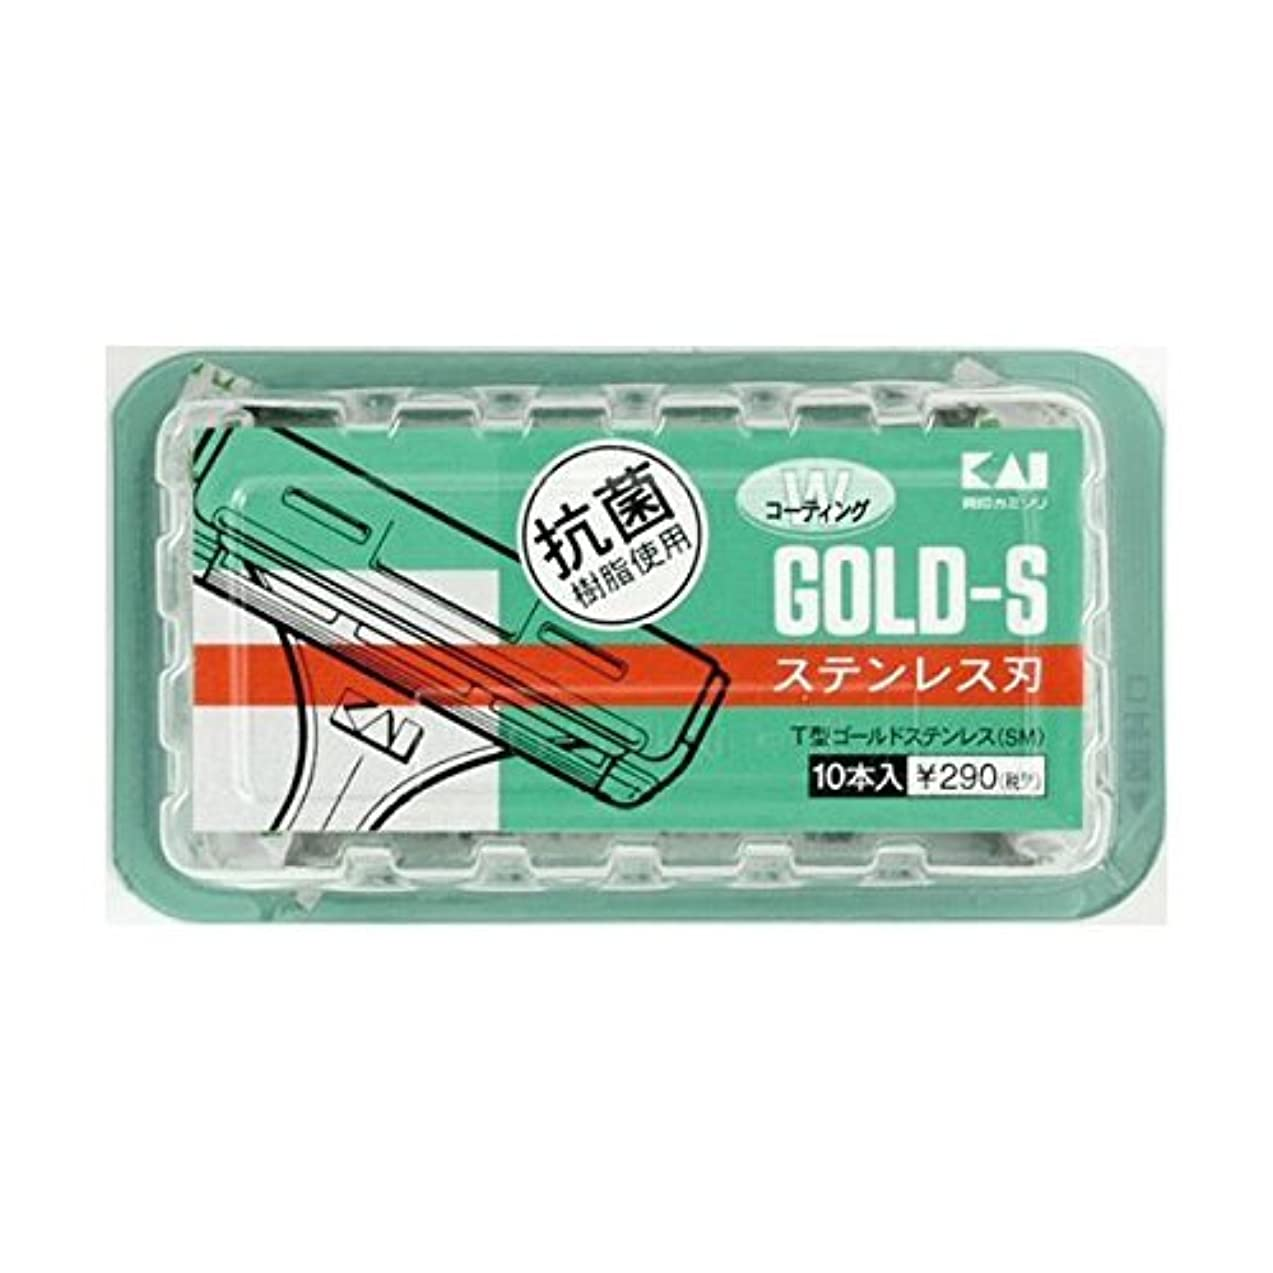 砦政治家侵略貝印 (業務用20セット) T型ゴールドステンレスSM10本